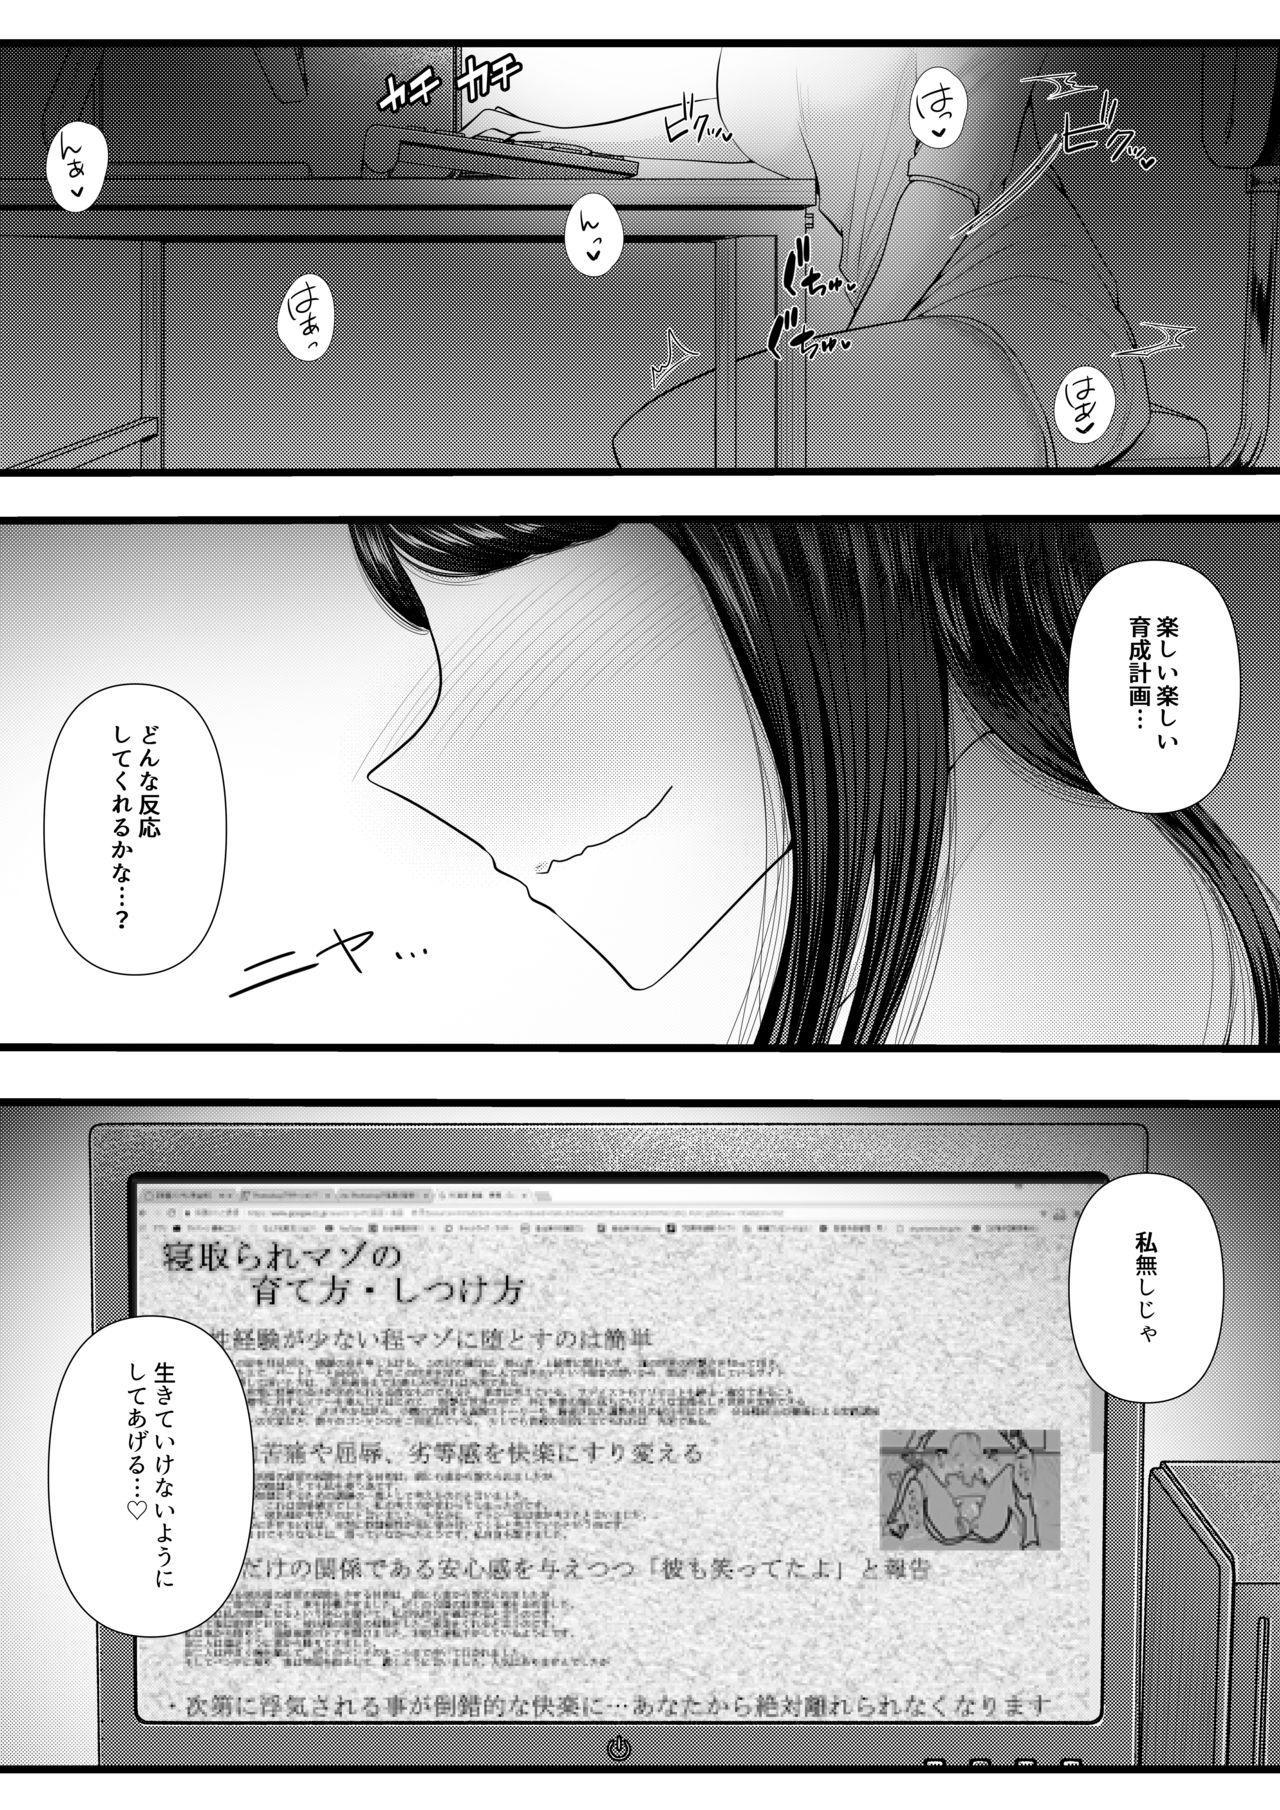 Hajimete no Netorare Maso-ka Choukyou 49